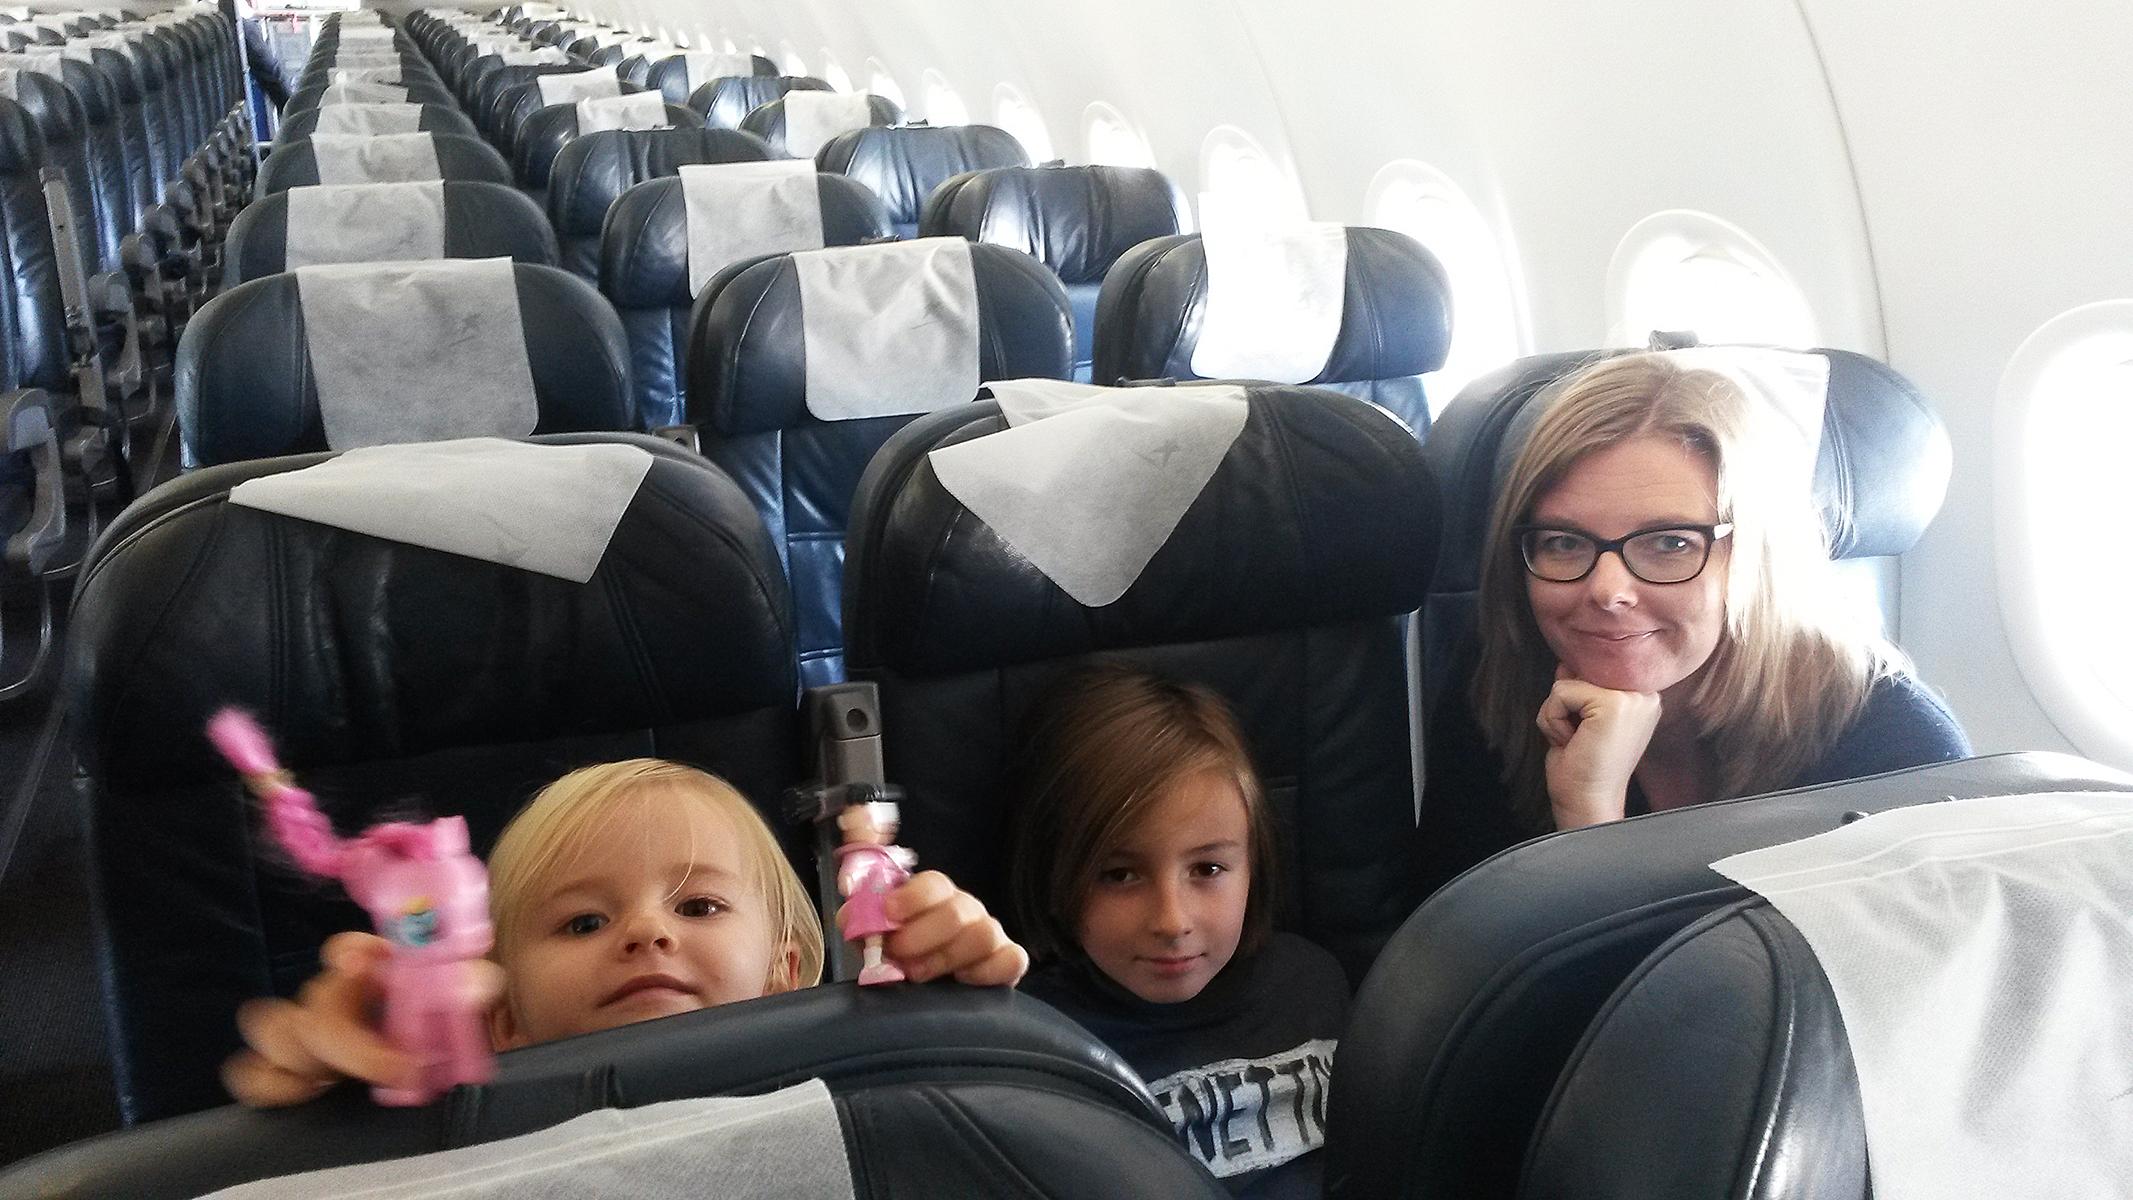 matka, matkablogi, lentokone, lentäminen, lento, kaukolento